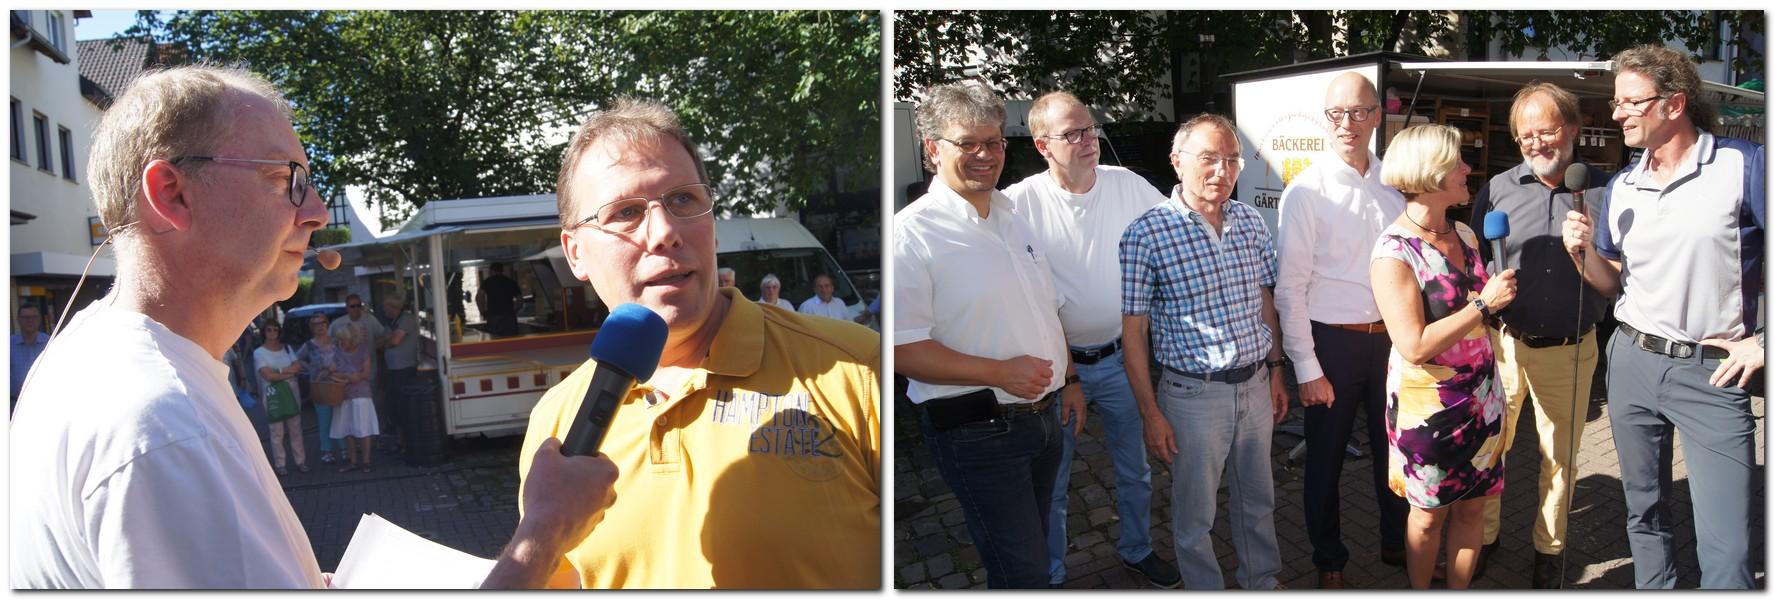 Carsten Korfesmeyer (ganz links) und Dirk Haunhorst (ganz rechts) trotzten gemeinsam mit ihren Intreviepartnern den hitzerekordverdächtigen Außentemperaturen beim MT-Stadtgespräch in Hausberge. Fotos: Stefan Lyrath.